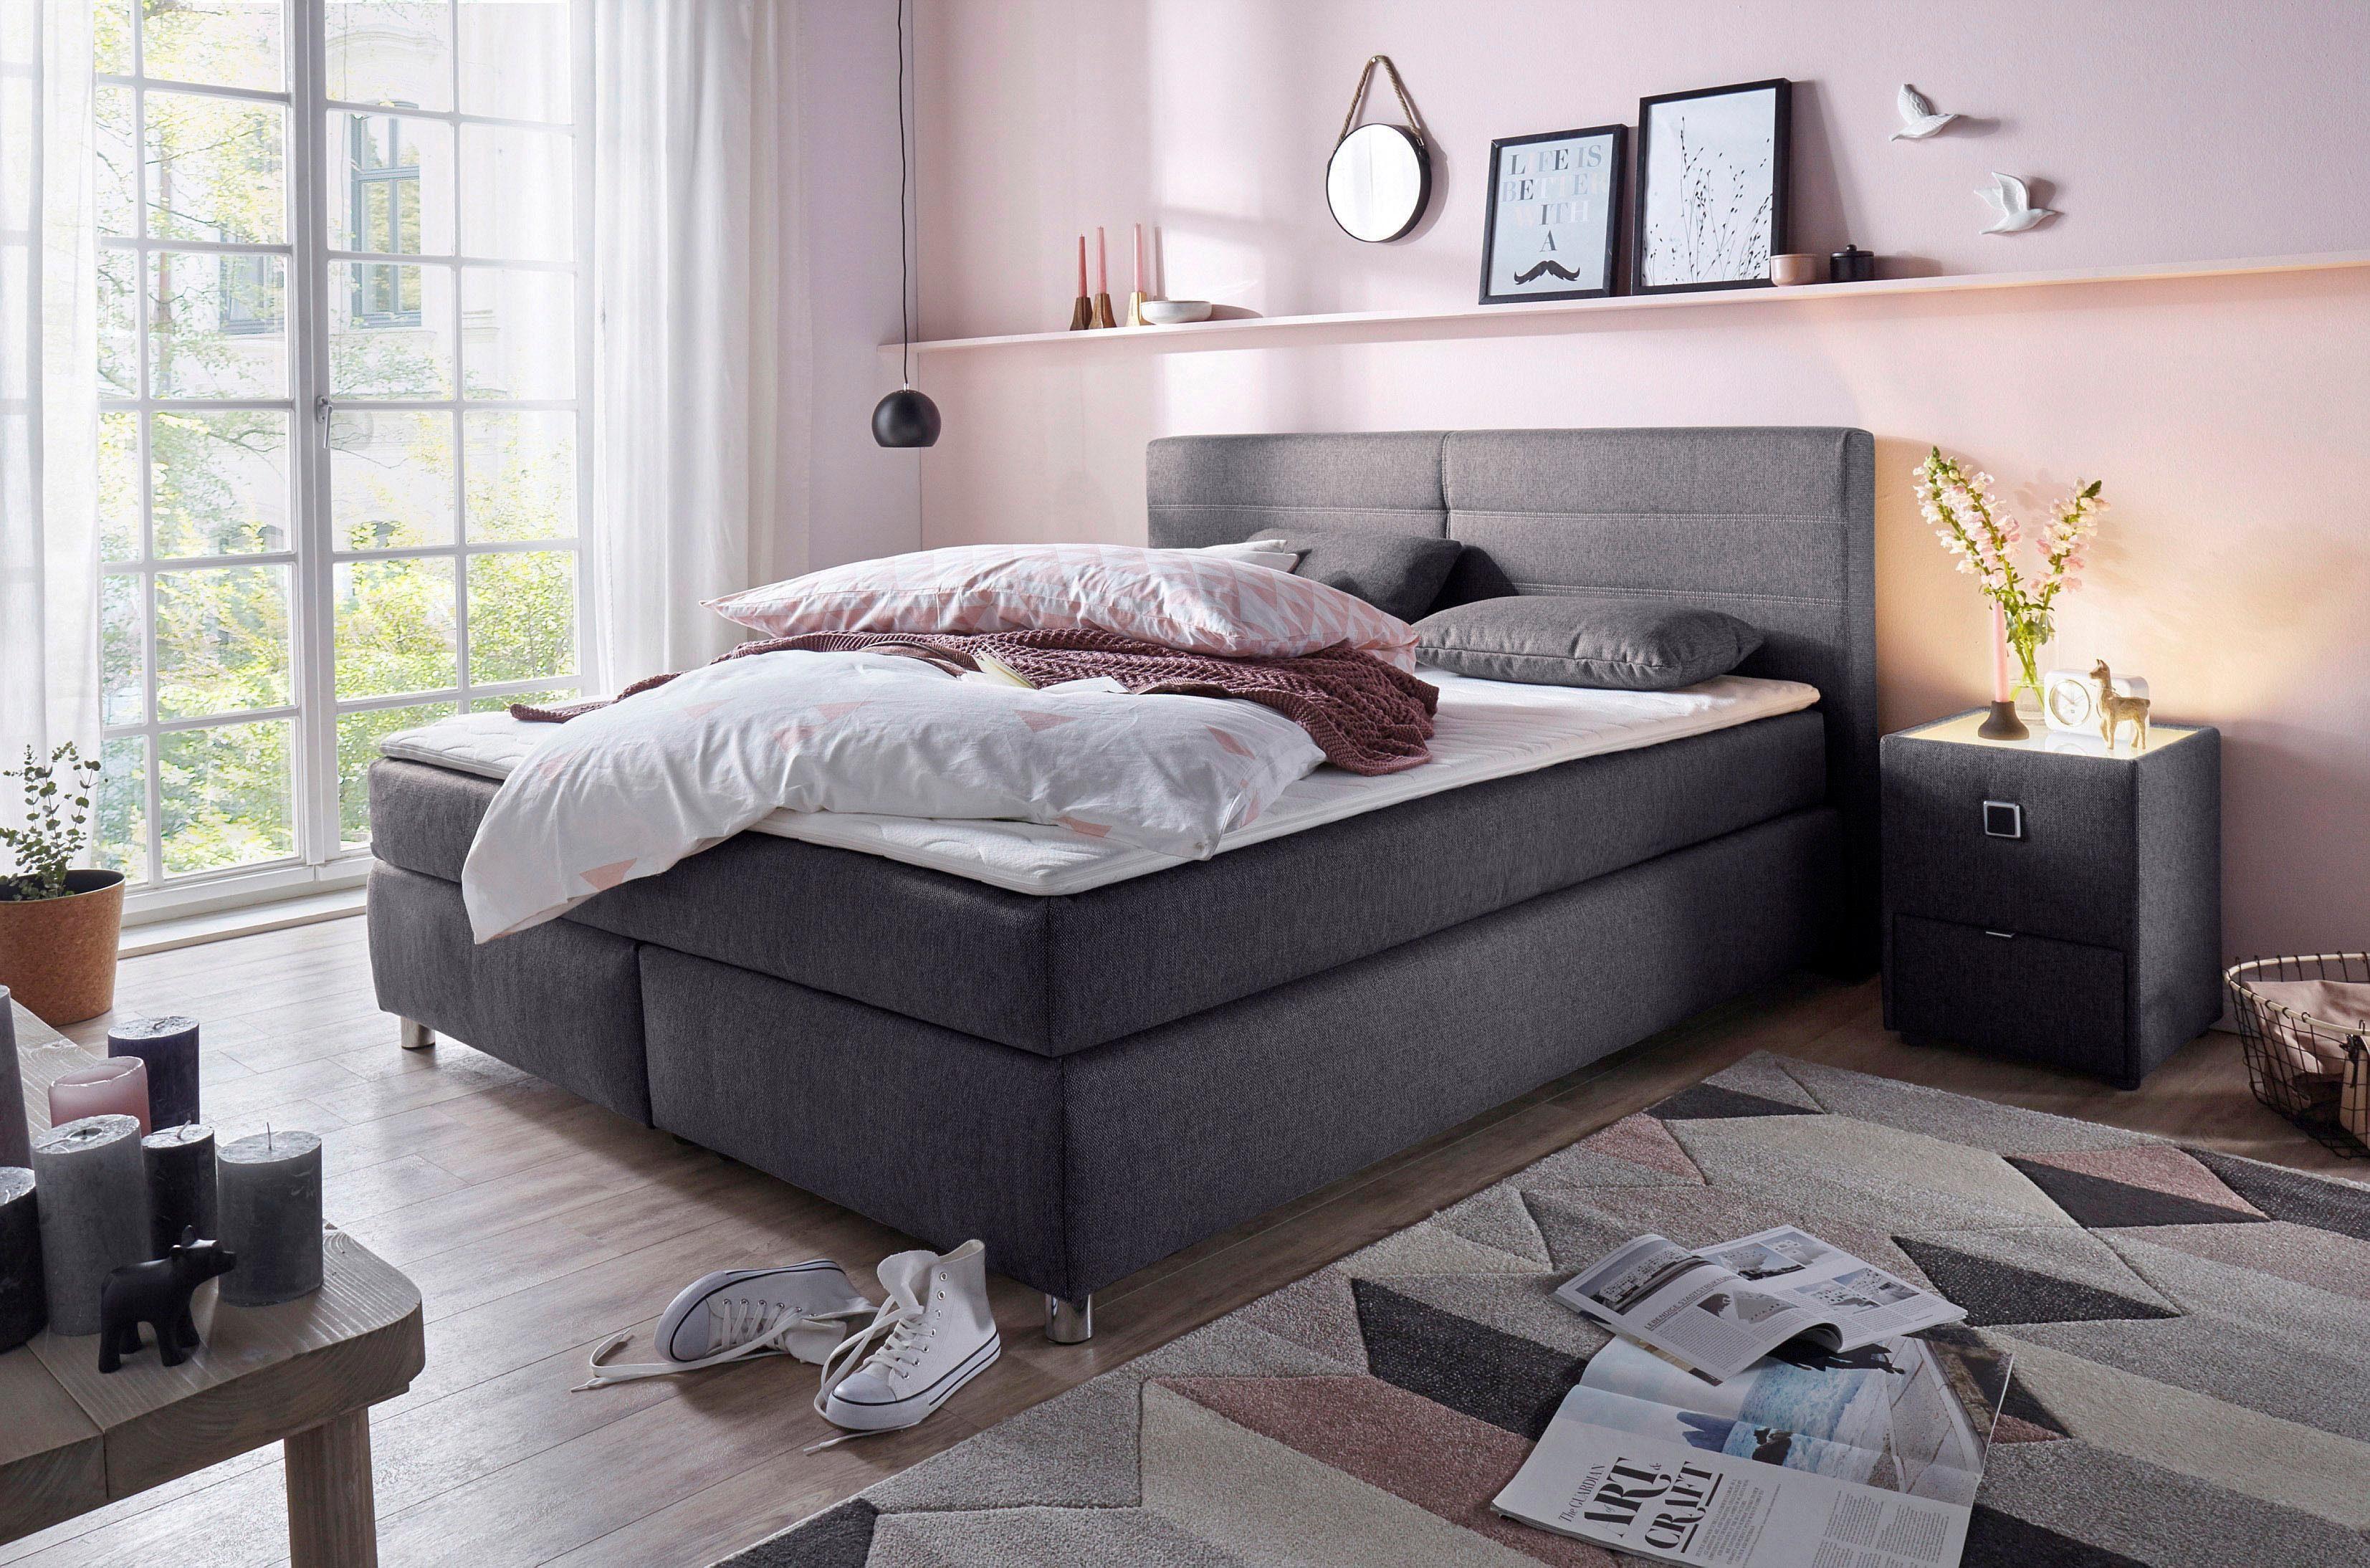 Billige Betten 140x200 ~ Günstige betten kaufen reduziert im sale otto